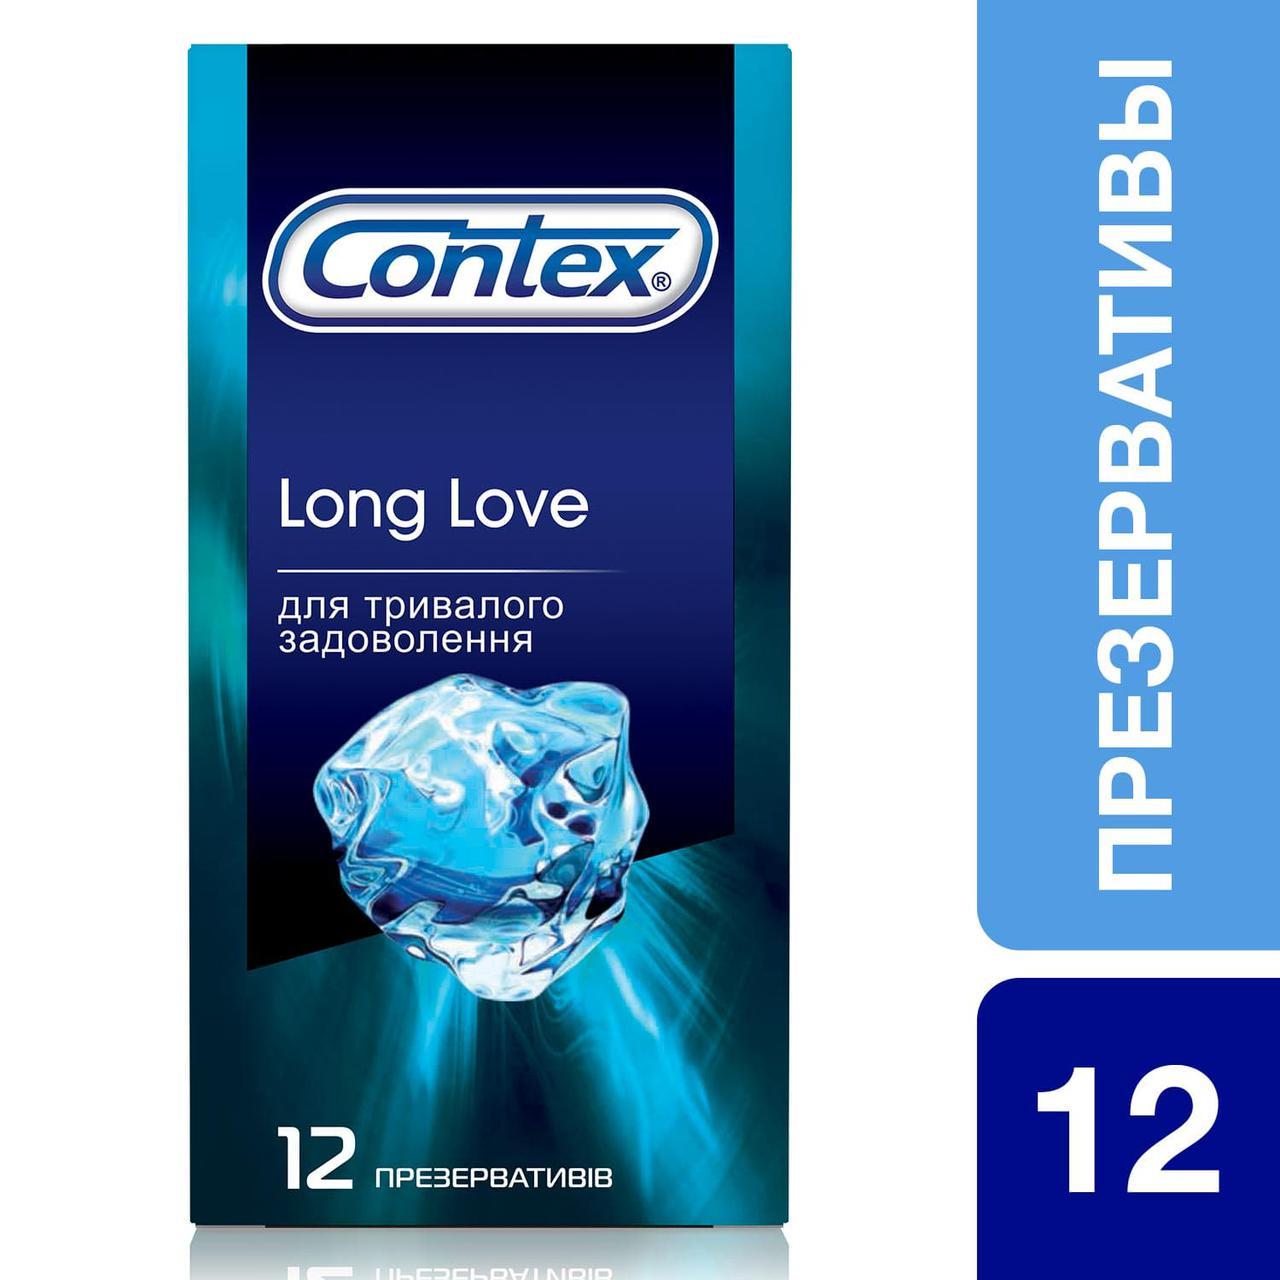 Презервативы Contex® Long Love (для длительного удовольствия) №12